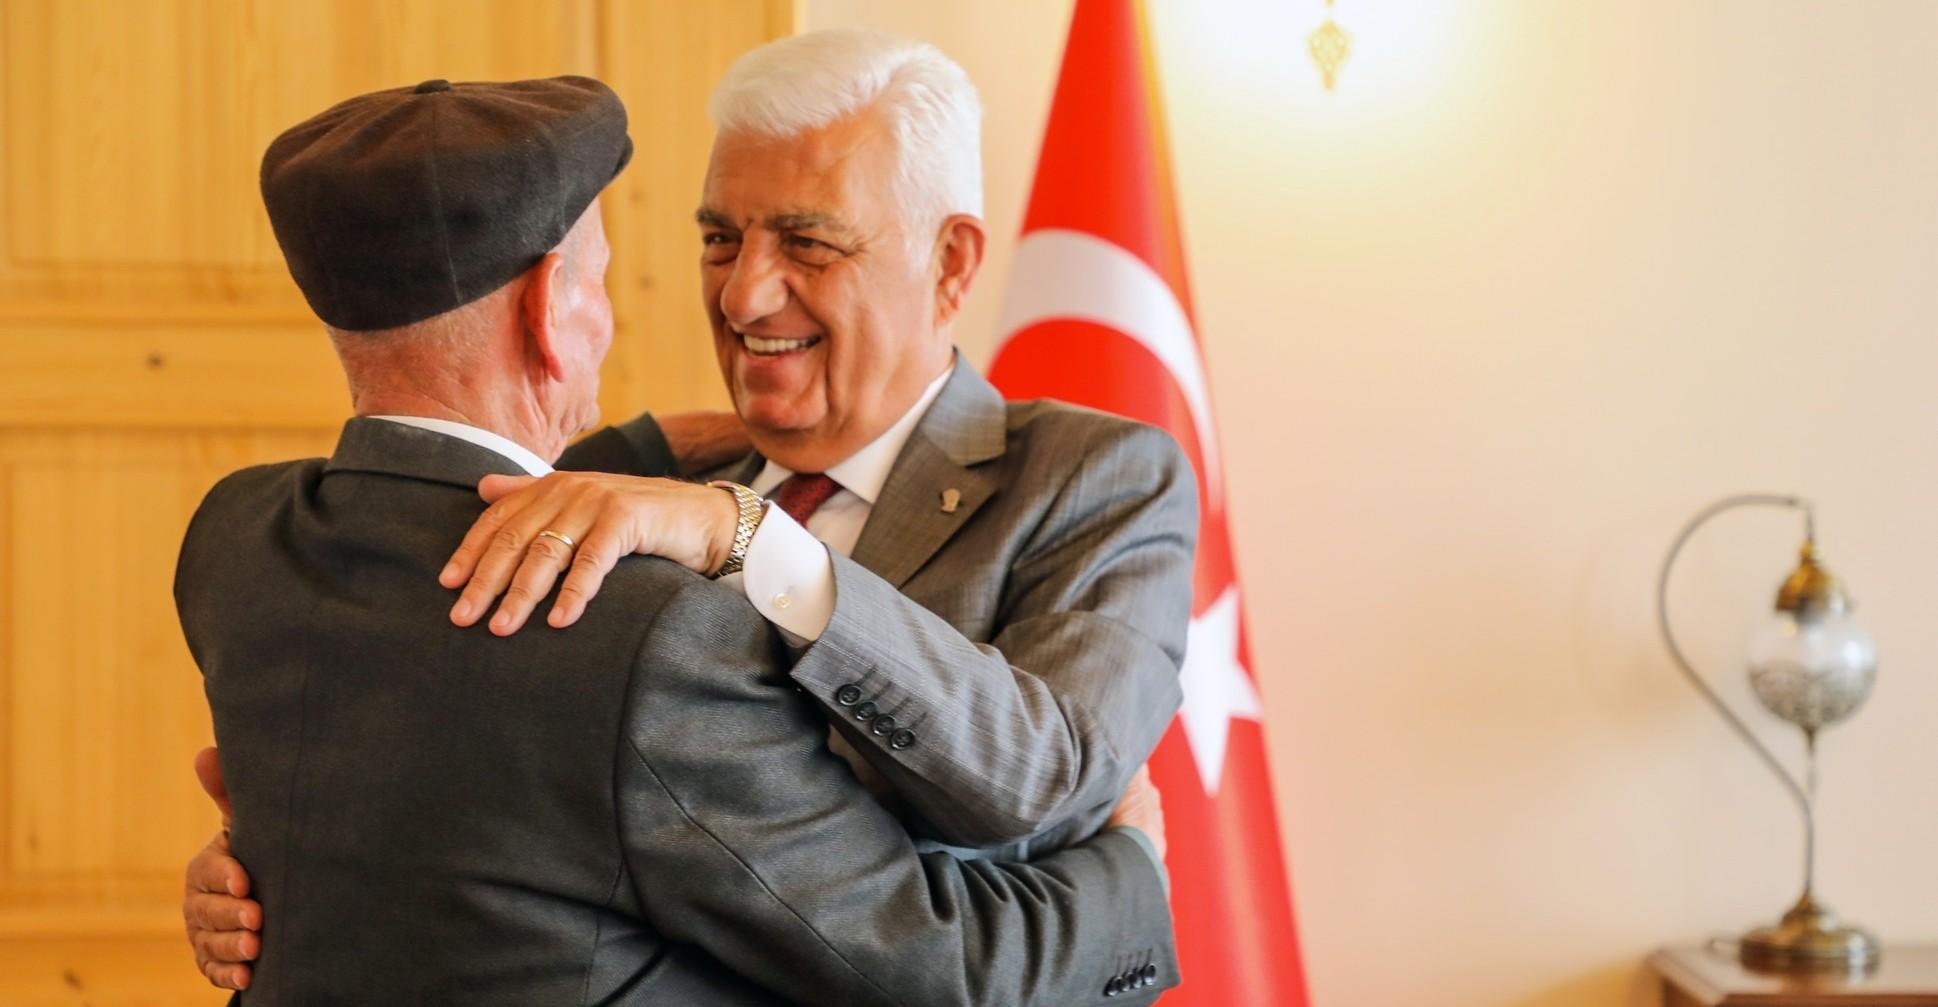 Başkan Gürün'e tebrik ve destek ziyaretleri sürüyor